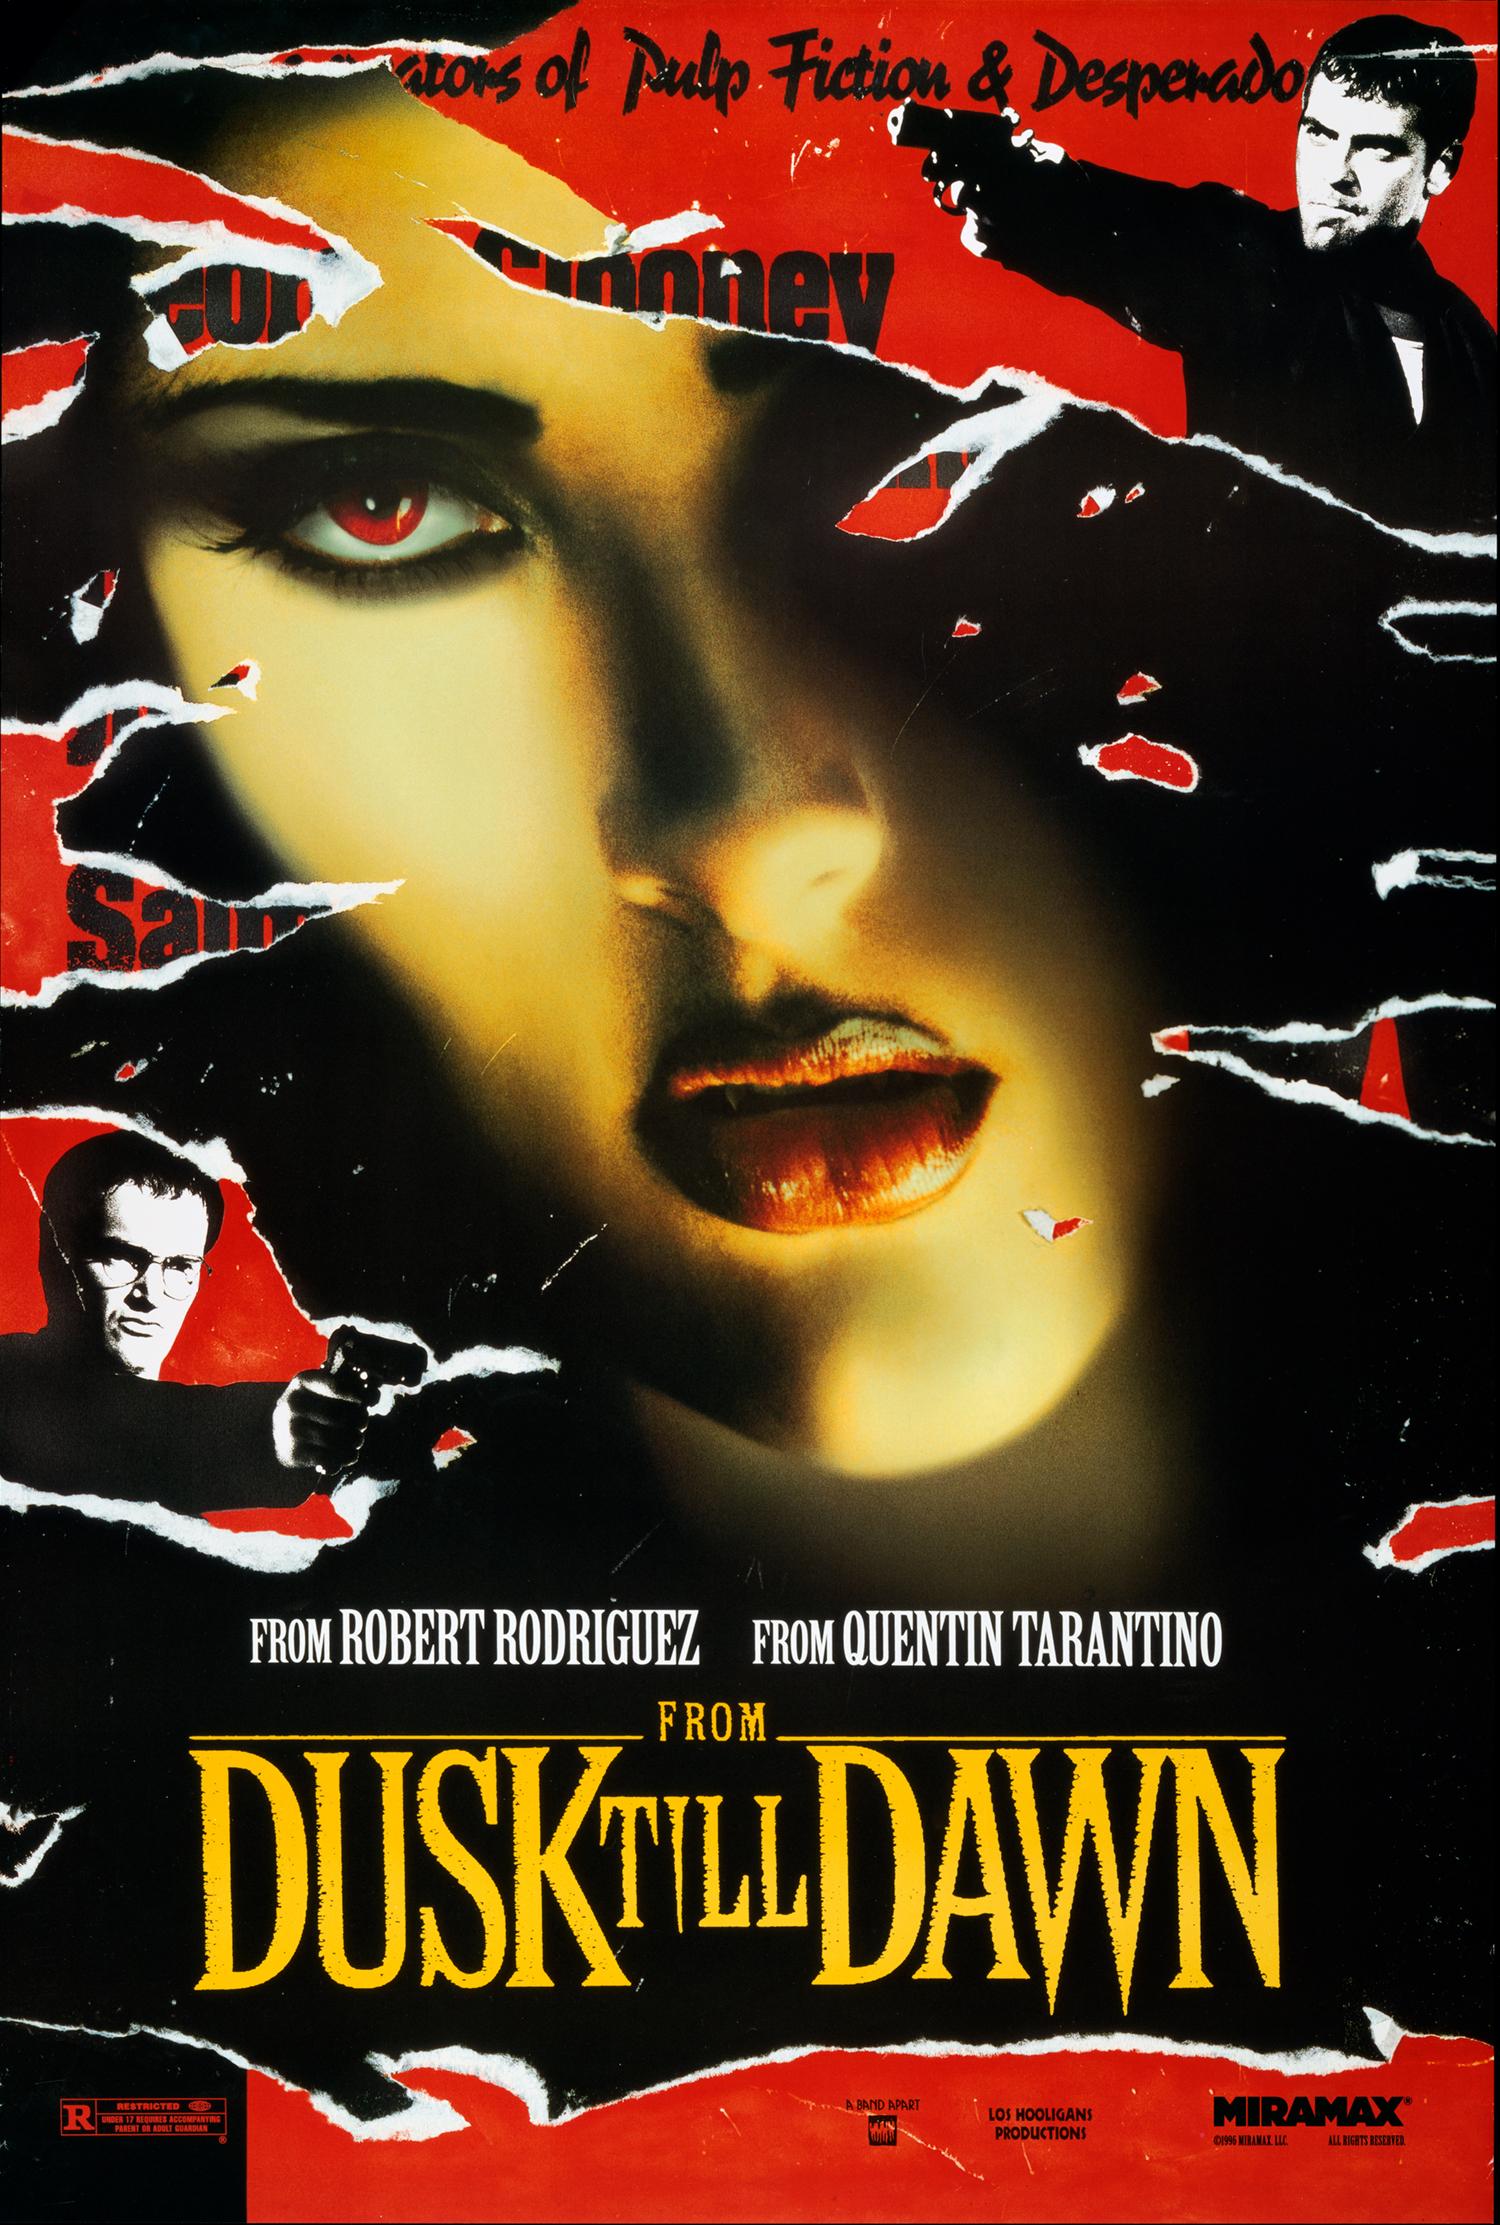 from-dusk-til-dawn-poster-02.jpg